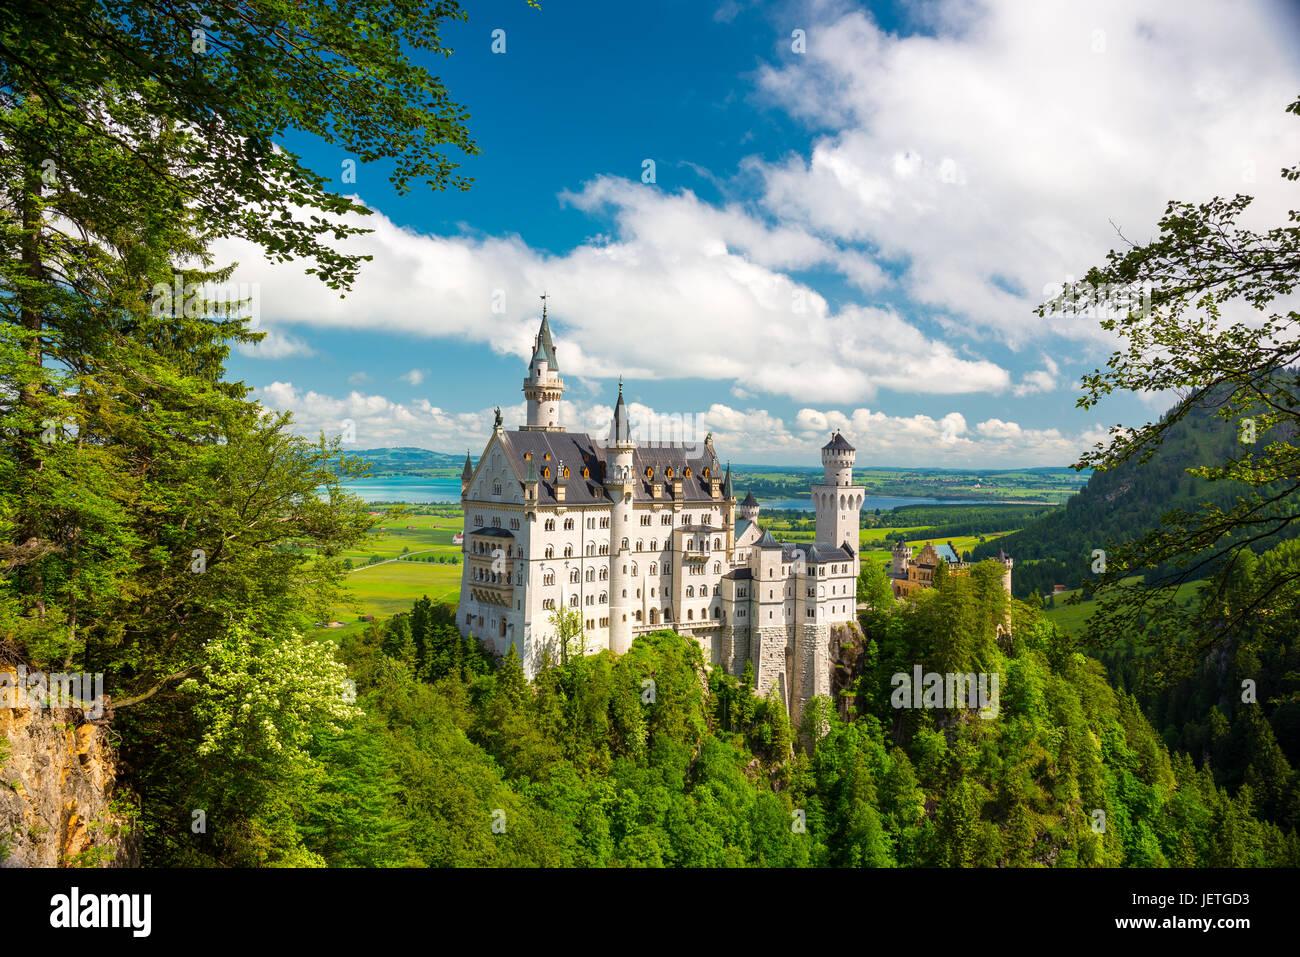 Neuschwanstein, joli paysage d'automne photo panoramique du château de conte de fées près de Photo Stock